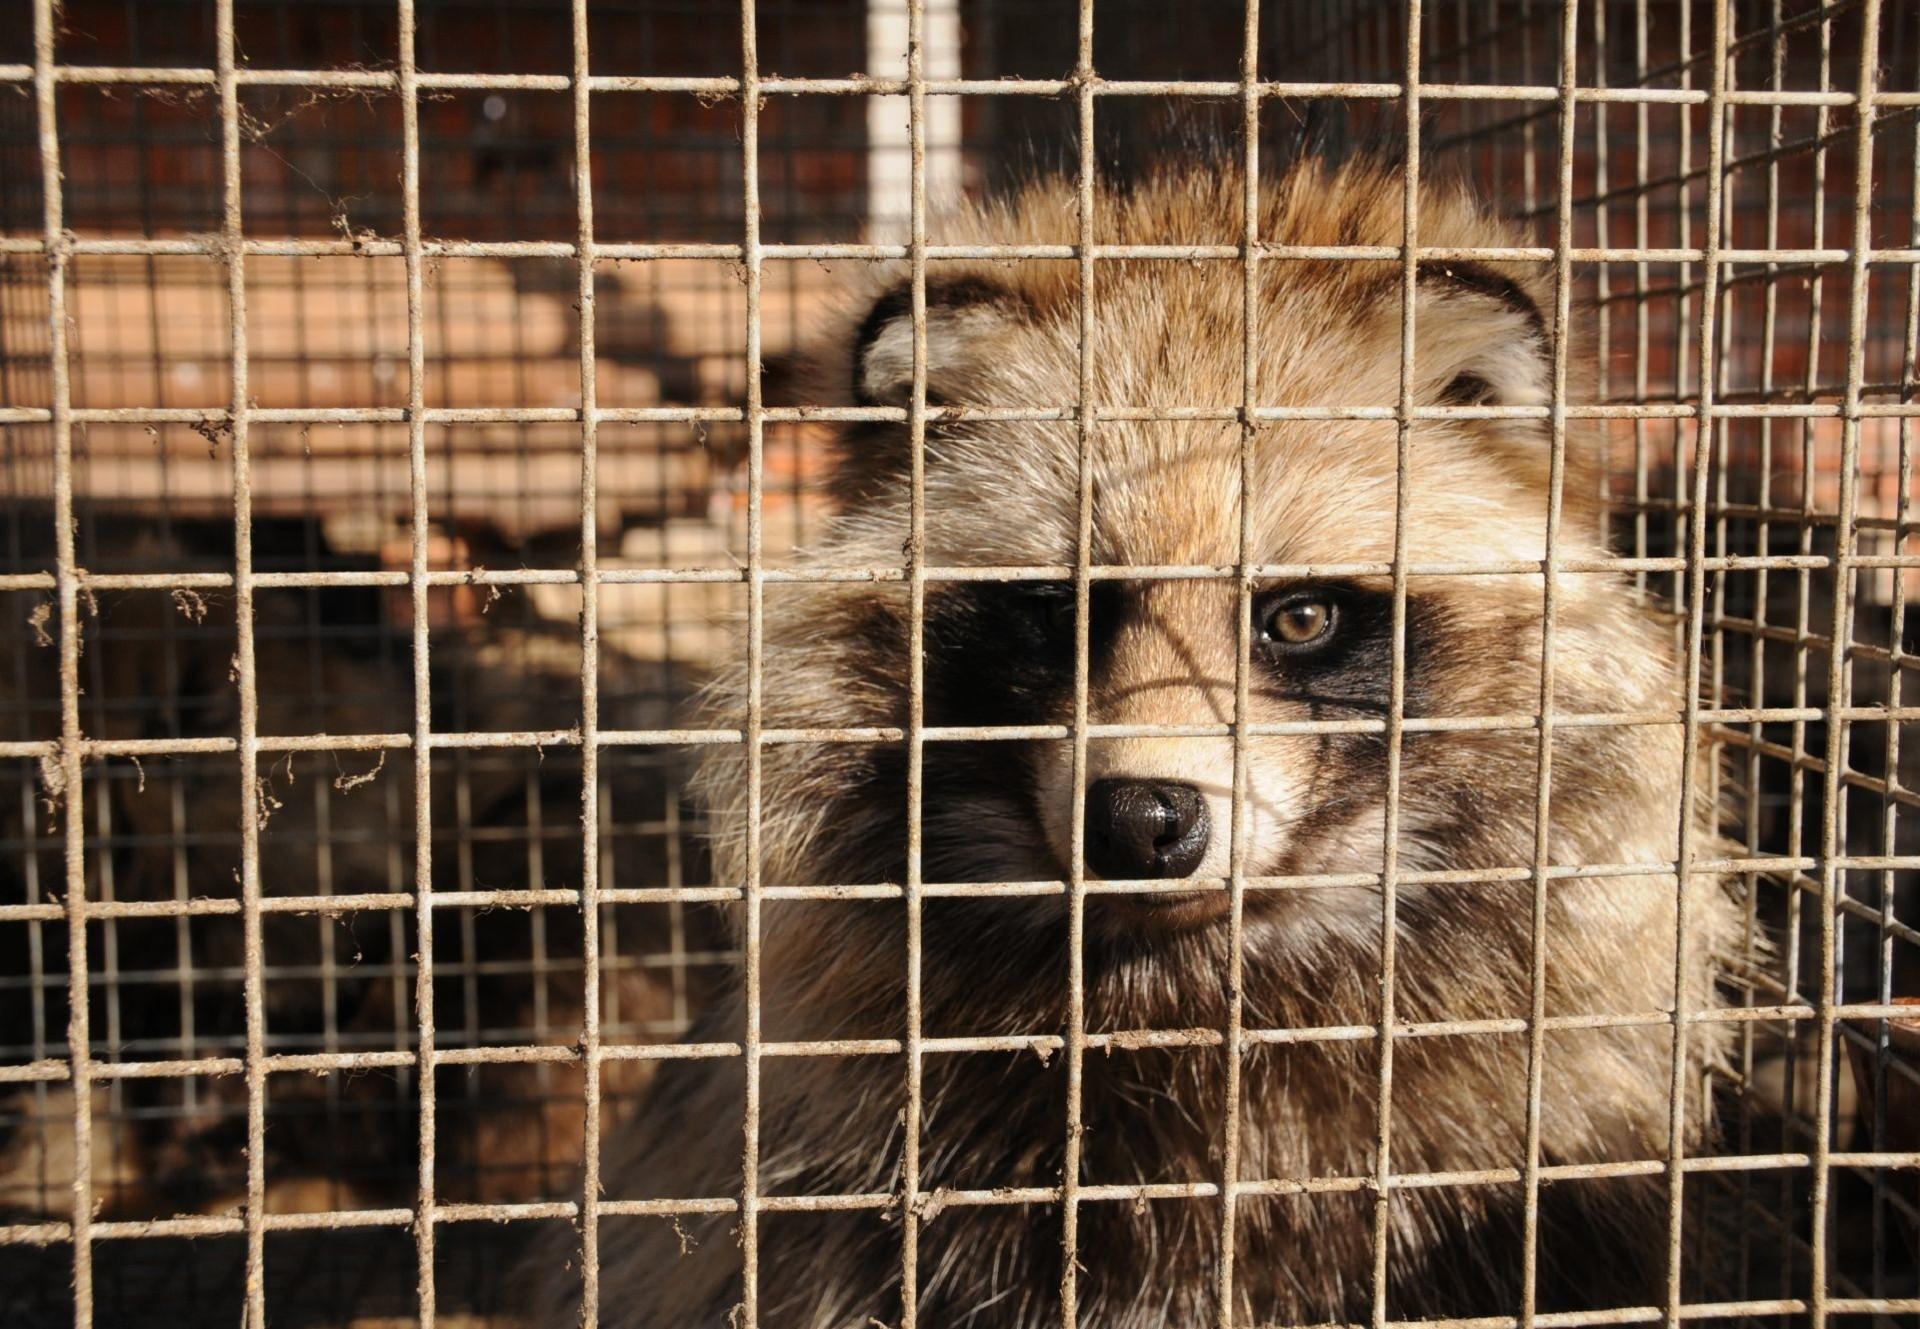 Tous les accessoires en fourrure, aussi petits soient-ils, sont synonymes de cruauté envers les animaux